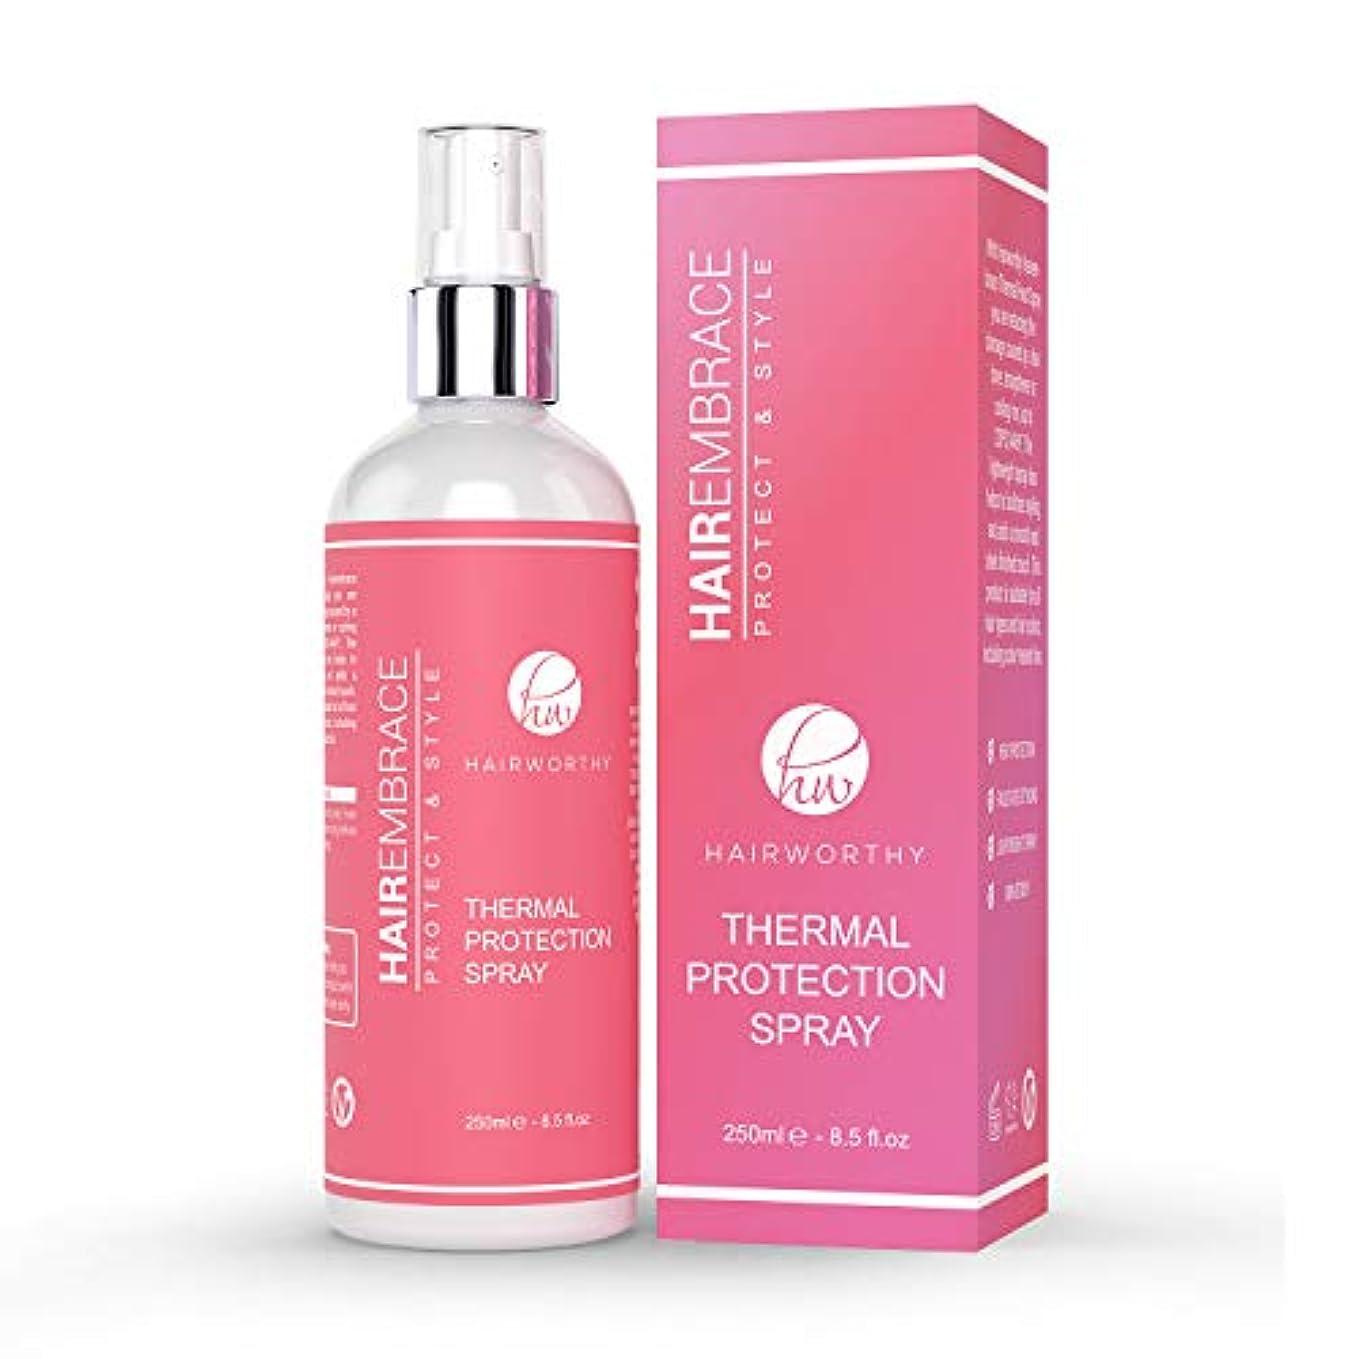 折り目ダンスストリップHairworthy Hairembrace Heat Protection Spray 熱のスタイリングのための熱保護スプレー。あなたの髪、アンチ縮れ、プロテクト & スタイルに輝きを復元します。